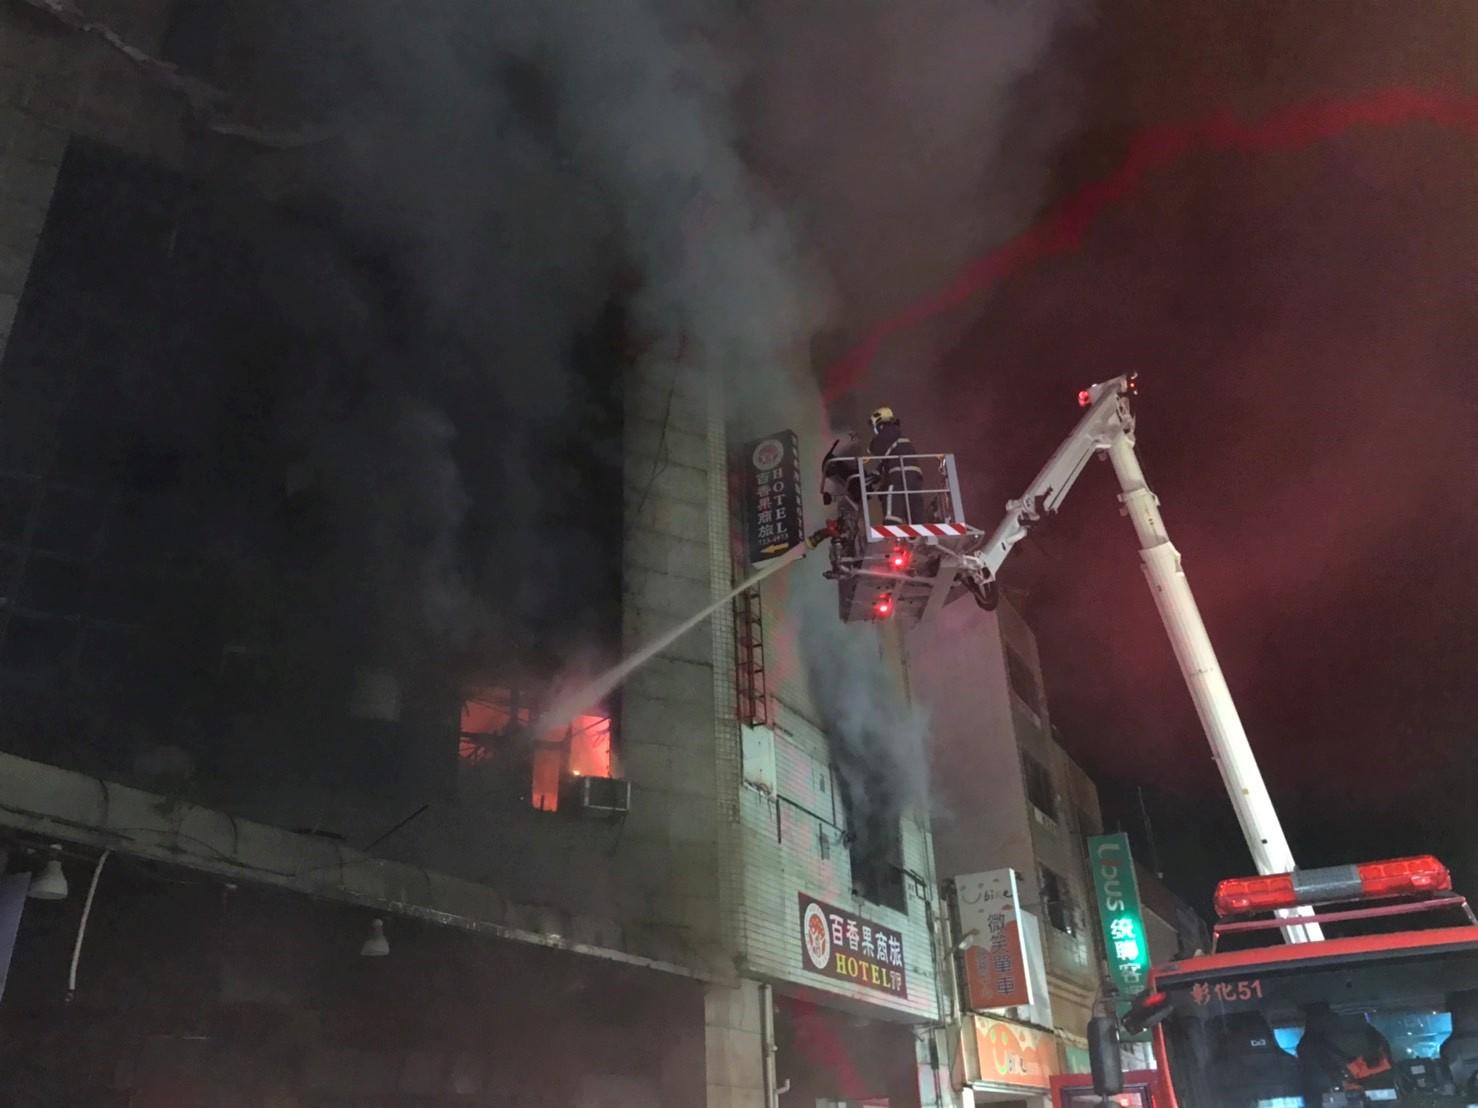 搶救喬友大樓火警 感謝消防弟兄們盡心盡力救災